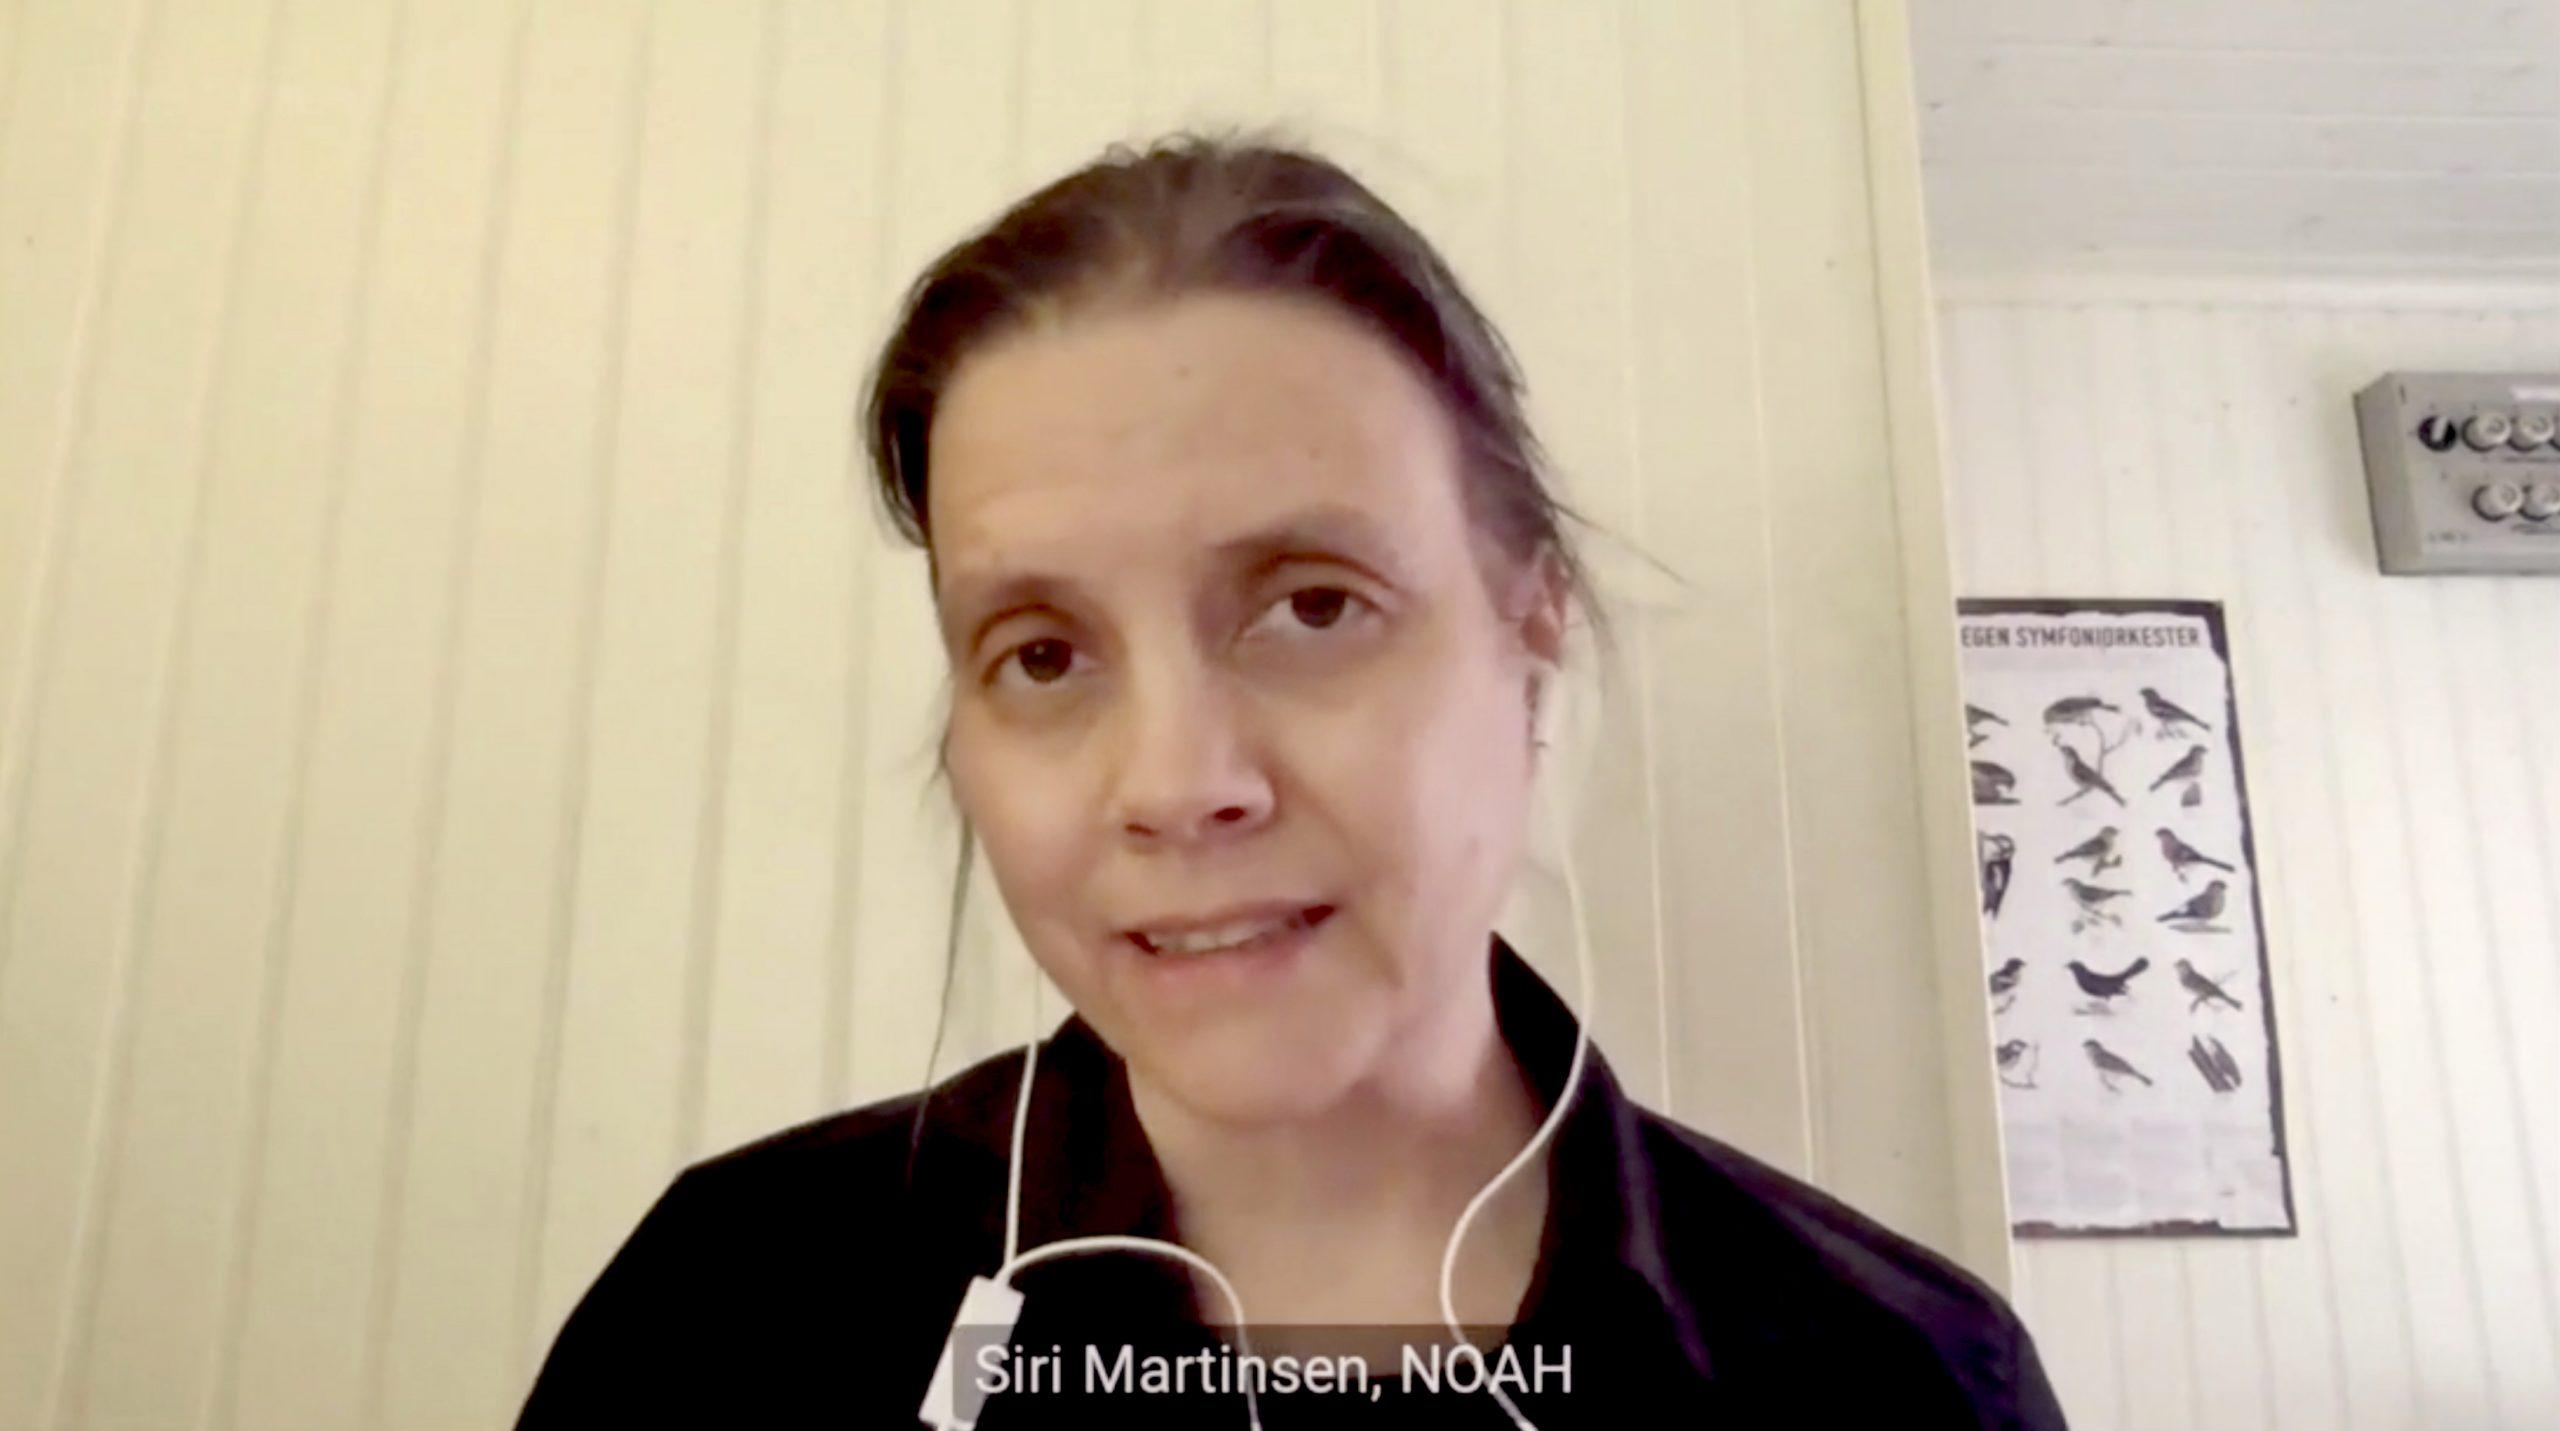 Leder i NOAH, Siri Martinsen, avgir partsforklaring i ulverettssaken.